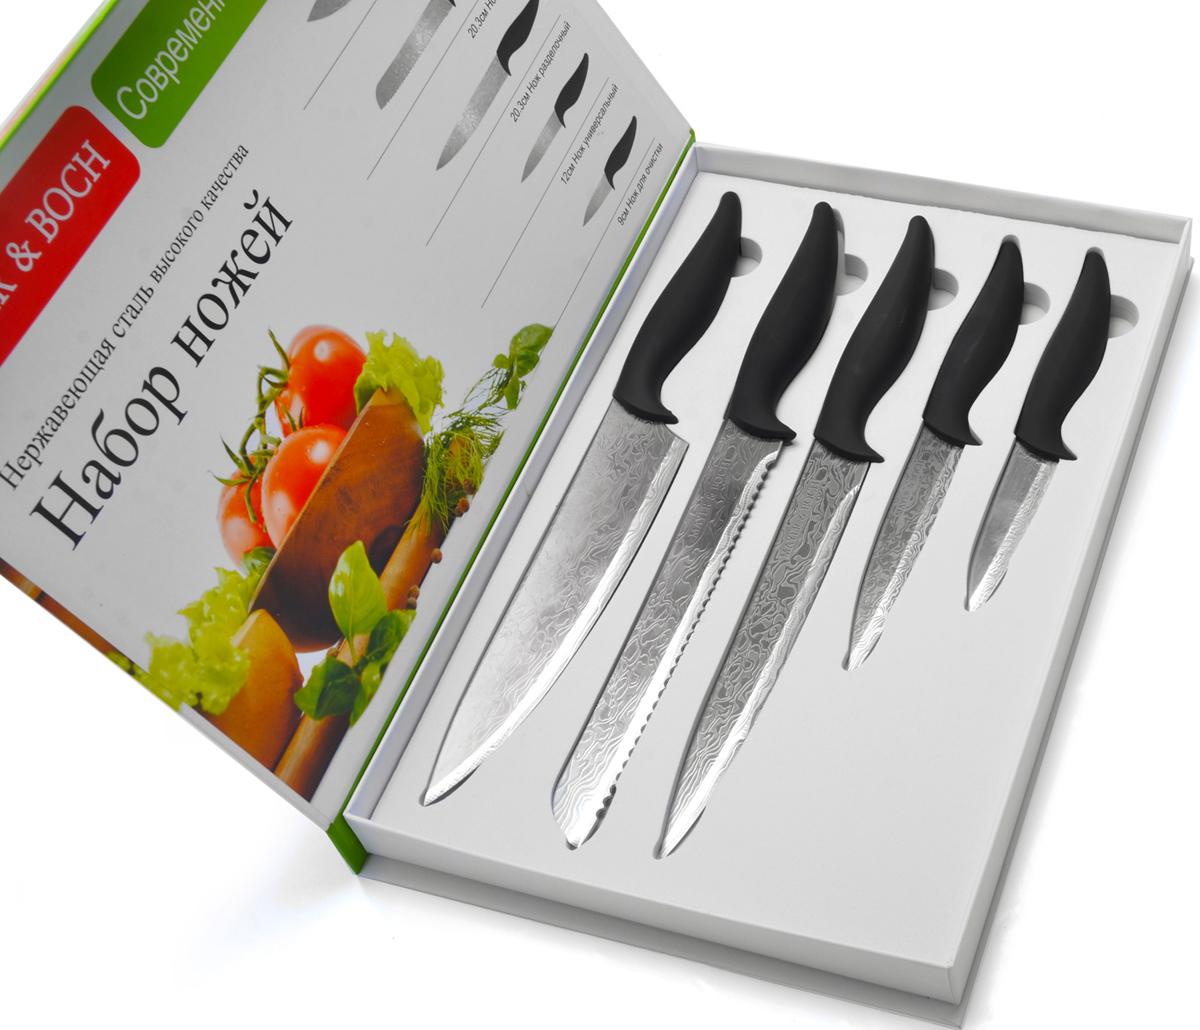 Набор ножей Mayer&Boch, 5 шт. 2699026990Набор ножей Mayer&Boch с лезвиями из высококачественной нержавеющей стали станет незаменимым помощником на вашей кухне. Лезвия покрыты специальным антибактериальным Non-Stick покрытием, предотвращающим прилипание продуктов к лезвию ножа и обеспечивающим свежесть и гигиеничность продуктов при их нарезке. Поверхность клинков легко моется, не впитывает и не «передает» запахи пищи при параллельной нарезке различных продуктов. Набор ножей идеально подойдет для резки как мяса и рыбы, так и фруктов и овощей. Эргономичная рукоятка каждого изделия удобно ложится в ладонь, обеспечивая безопасную работу, комфортное положение в руке, надежный захват и не дает ножам скользить при использовании. Яркий дизайн изделий украсит вашу кухню, а благодаря красивой упаковке, такой набор станет еще и прекрасным подарком! В набор входит 5 ножей. Нож поварской: лезвие 20,3 см. Нож хлебный: лезвие 20,3 см. Нож разделочный: лезвие 20,3 см. Нож универсальный: лезвие 12 см. Нож для очистки: лезвие 9 см.